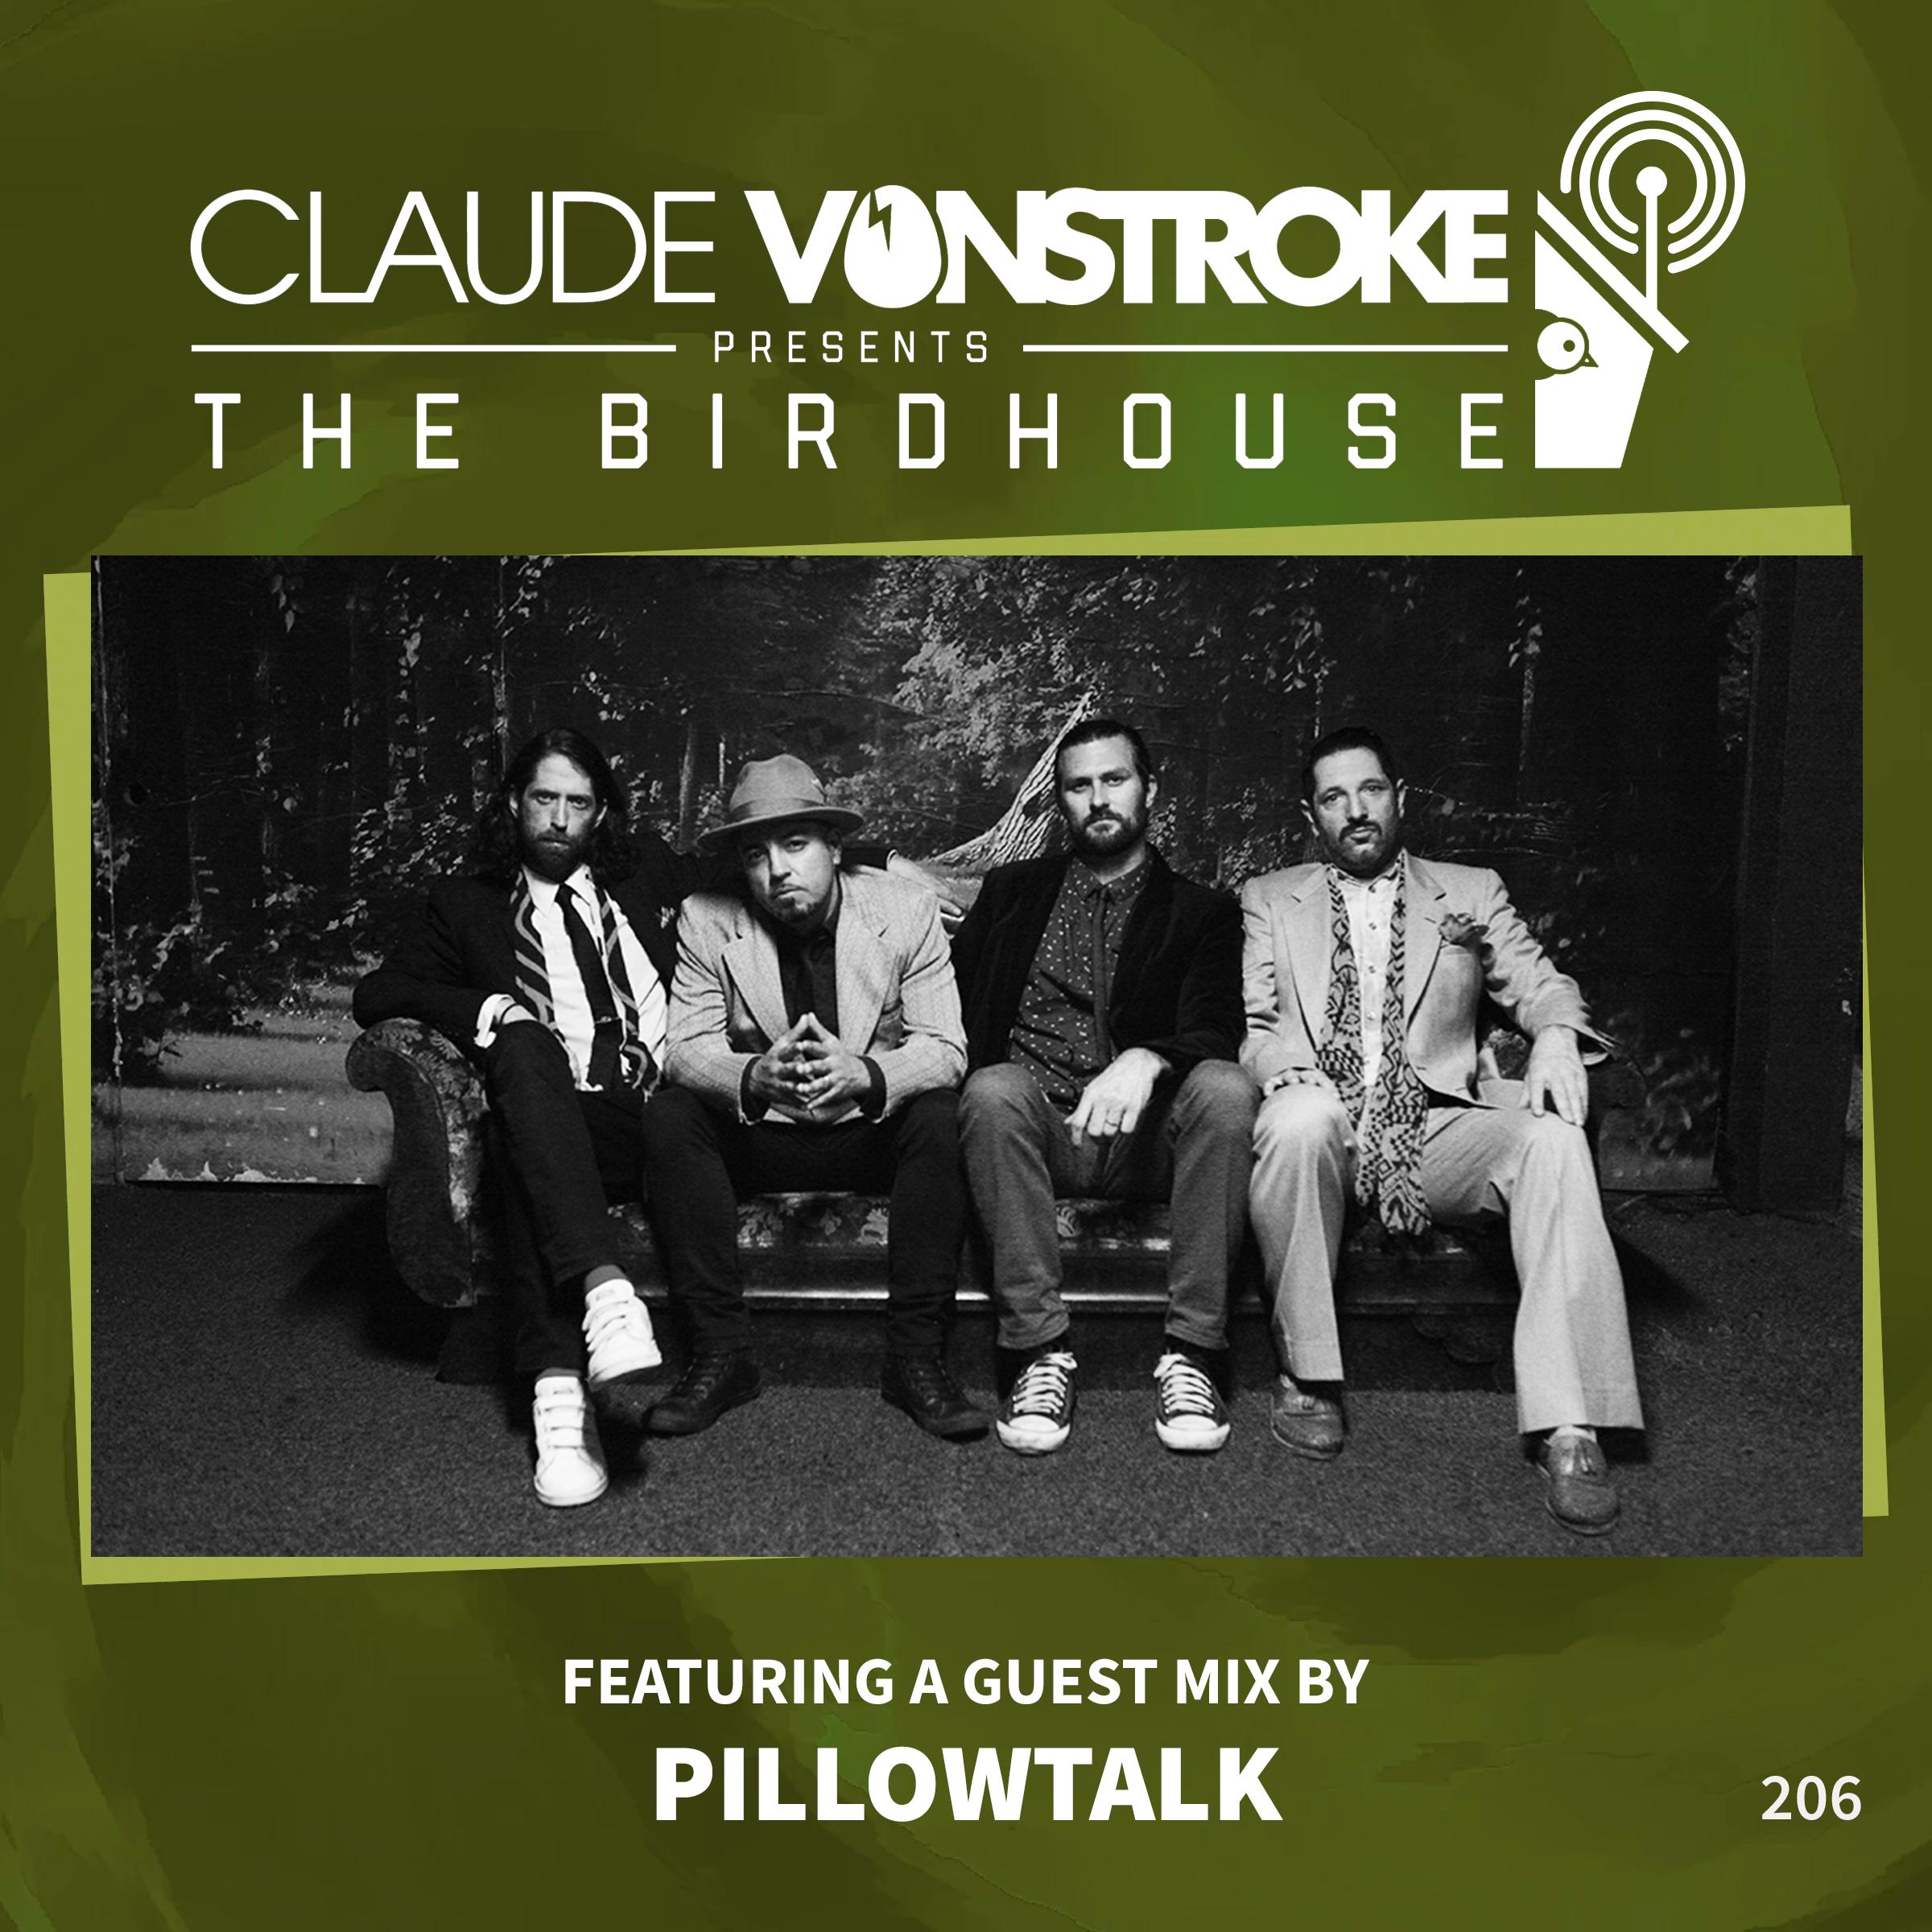 BH205 - Pillowtalk - SQ.png